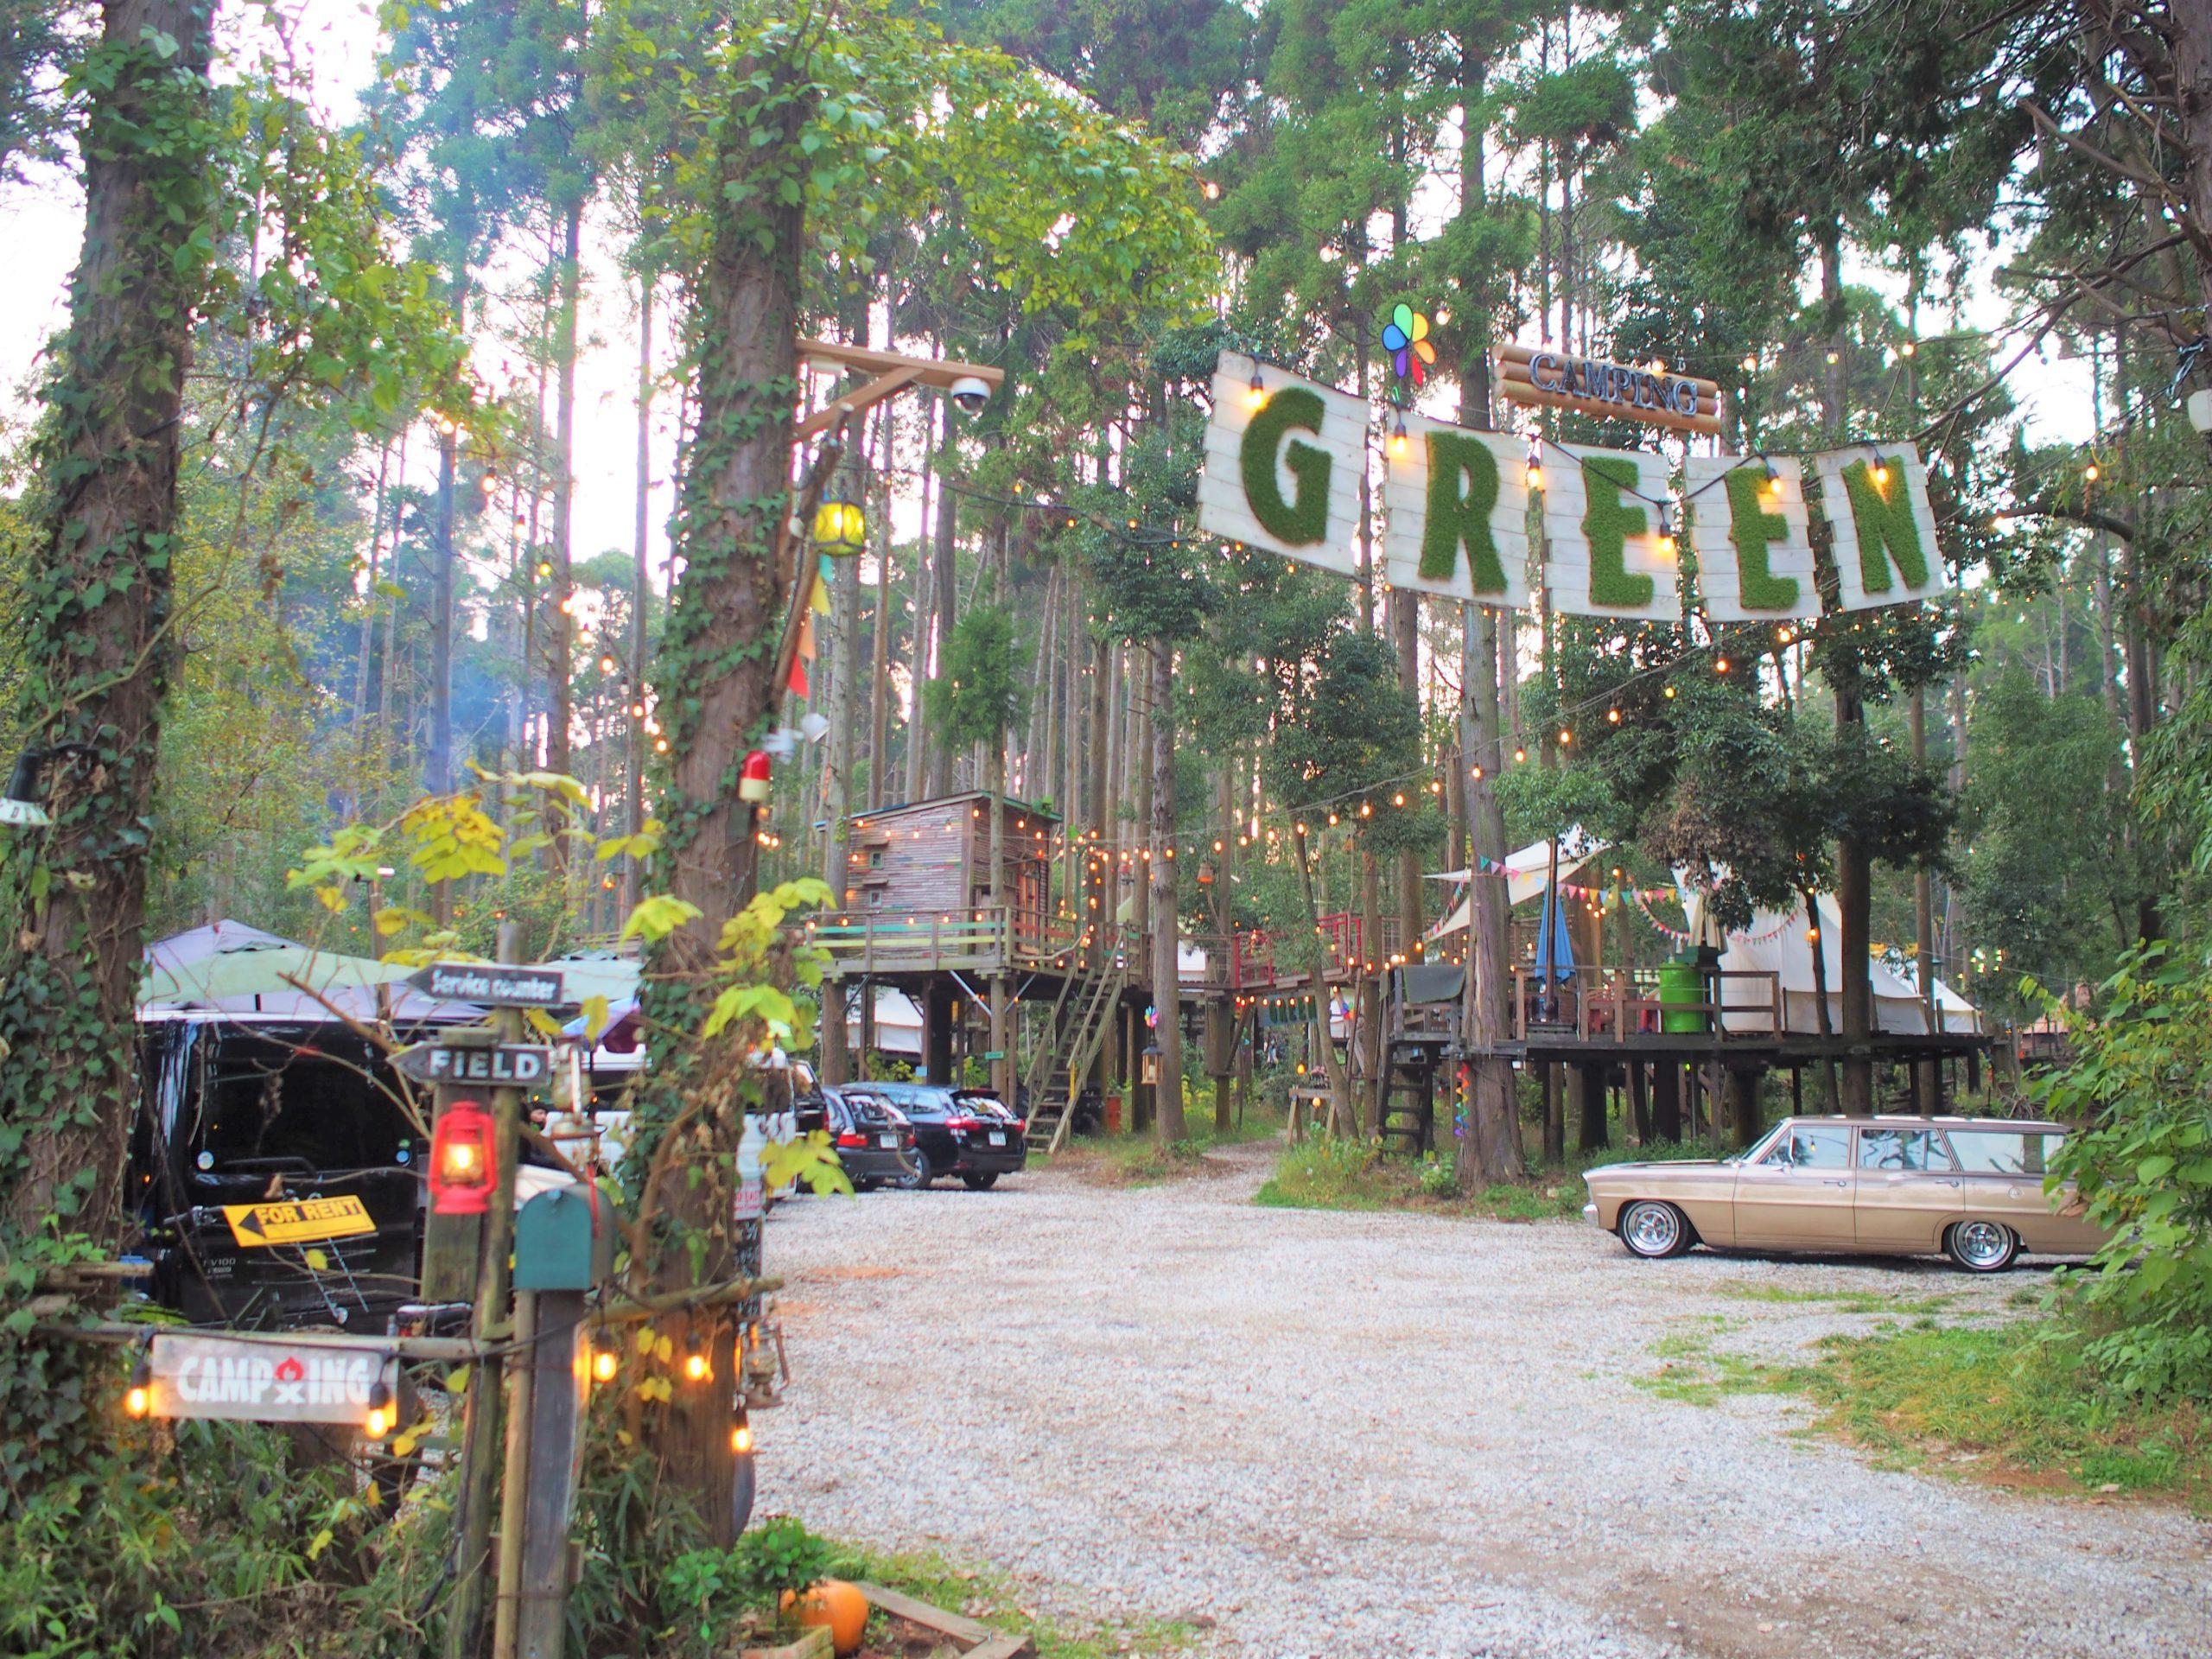 Camping GREEN(キャンピンググリーン)